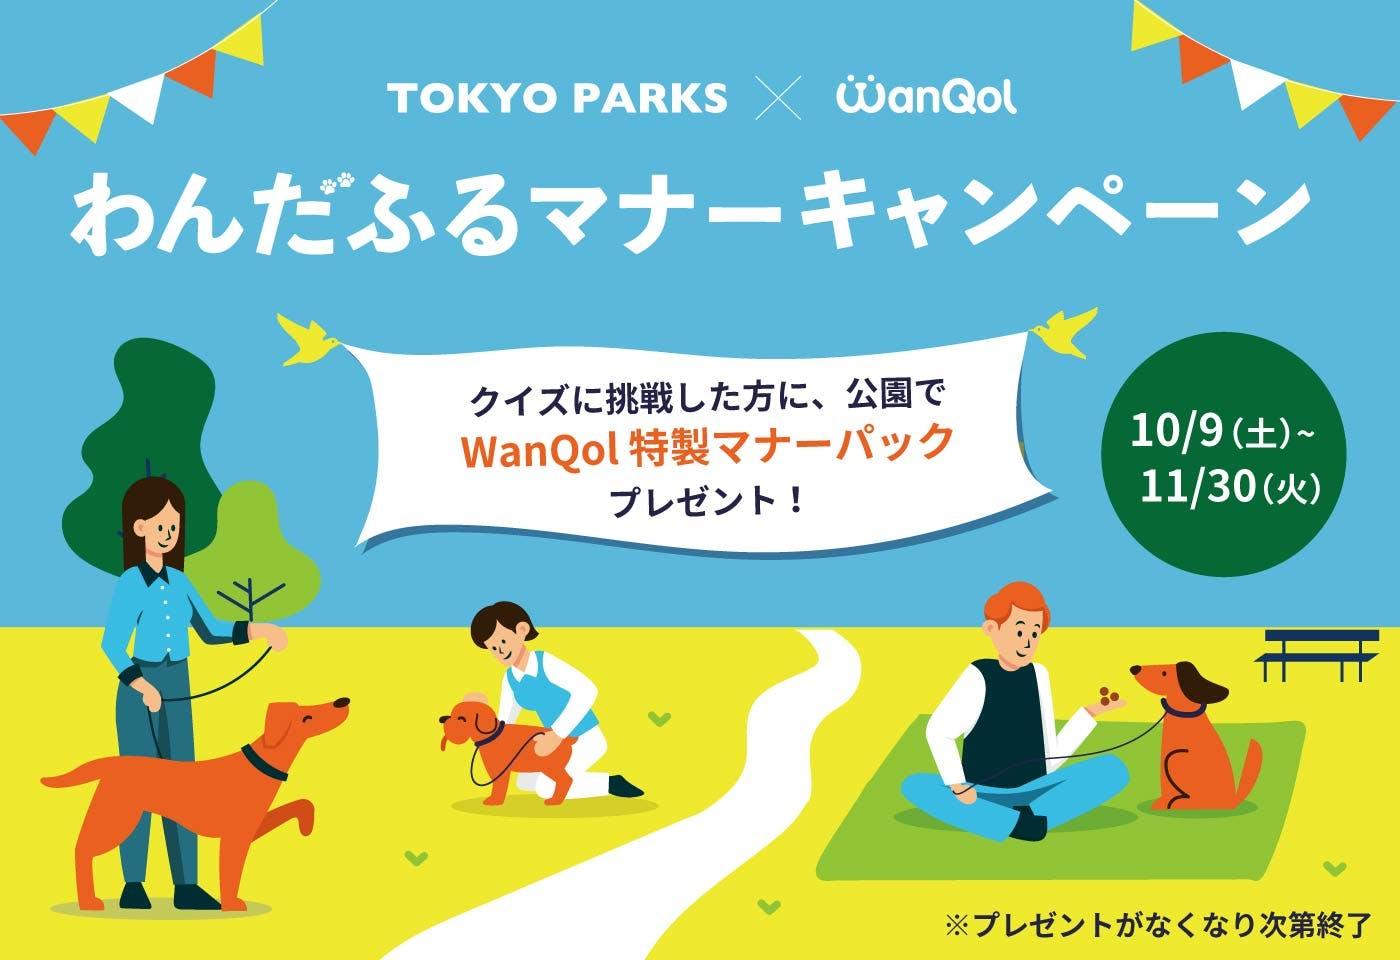 公園でクイズに答えてマナーパックをゲット!わんだふるマナーキャンペーンに参加しよう!